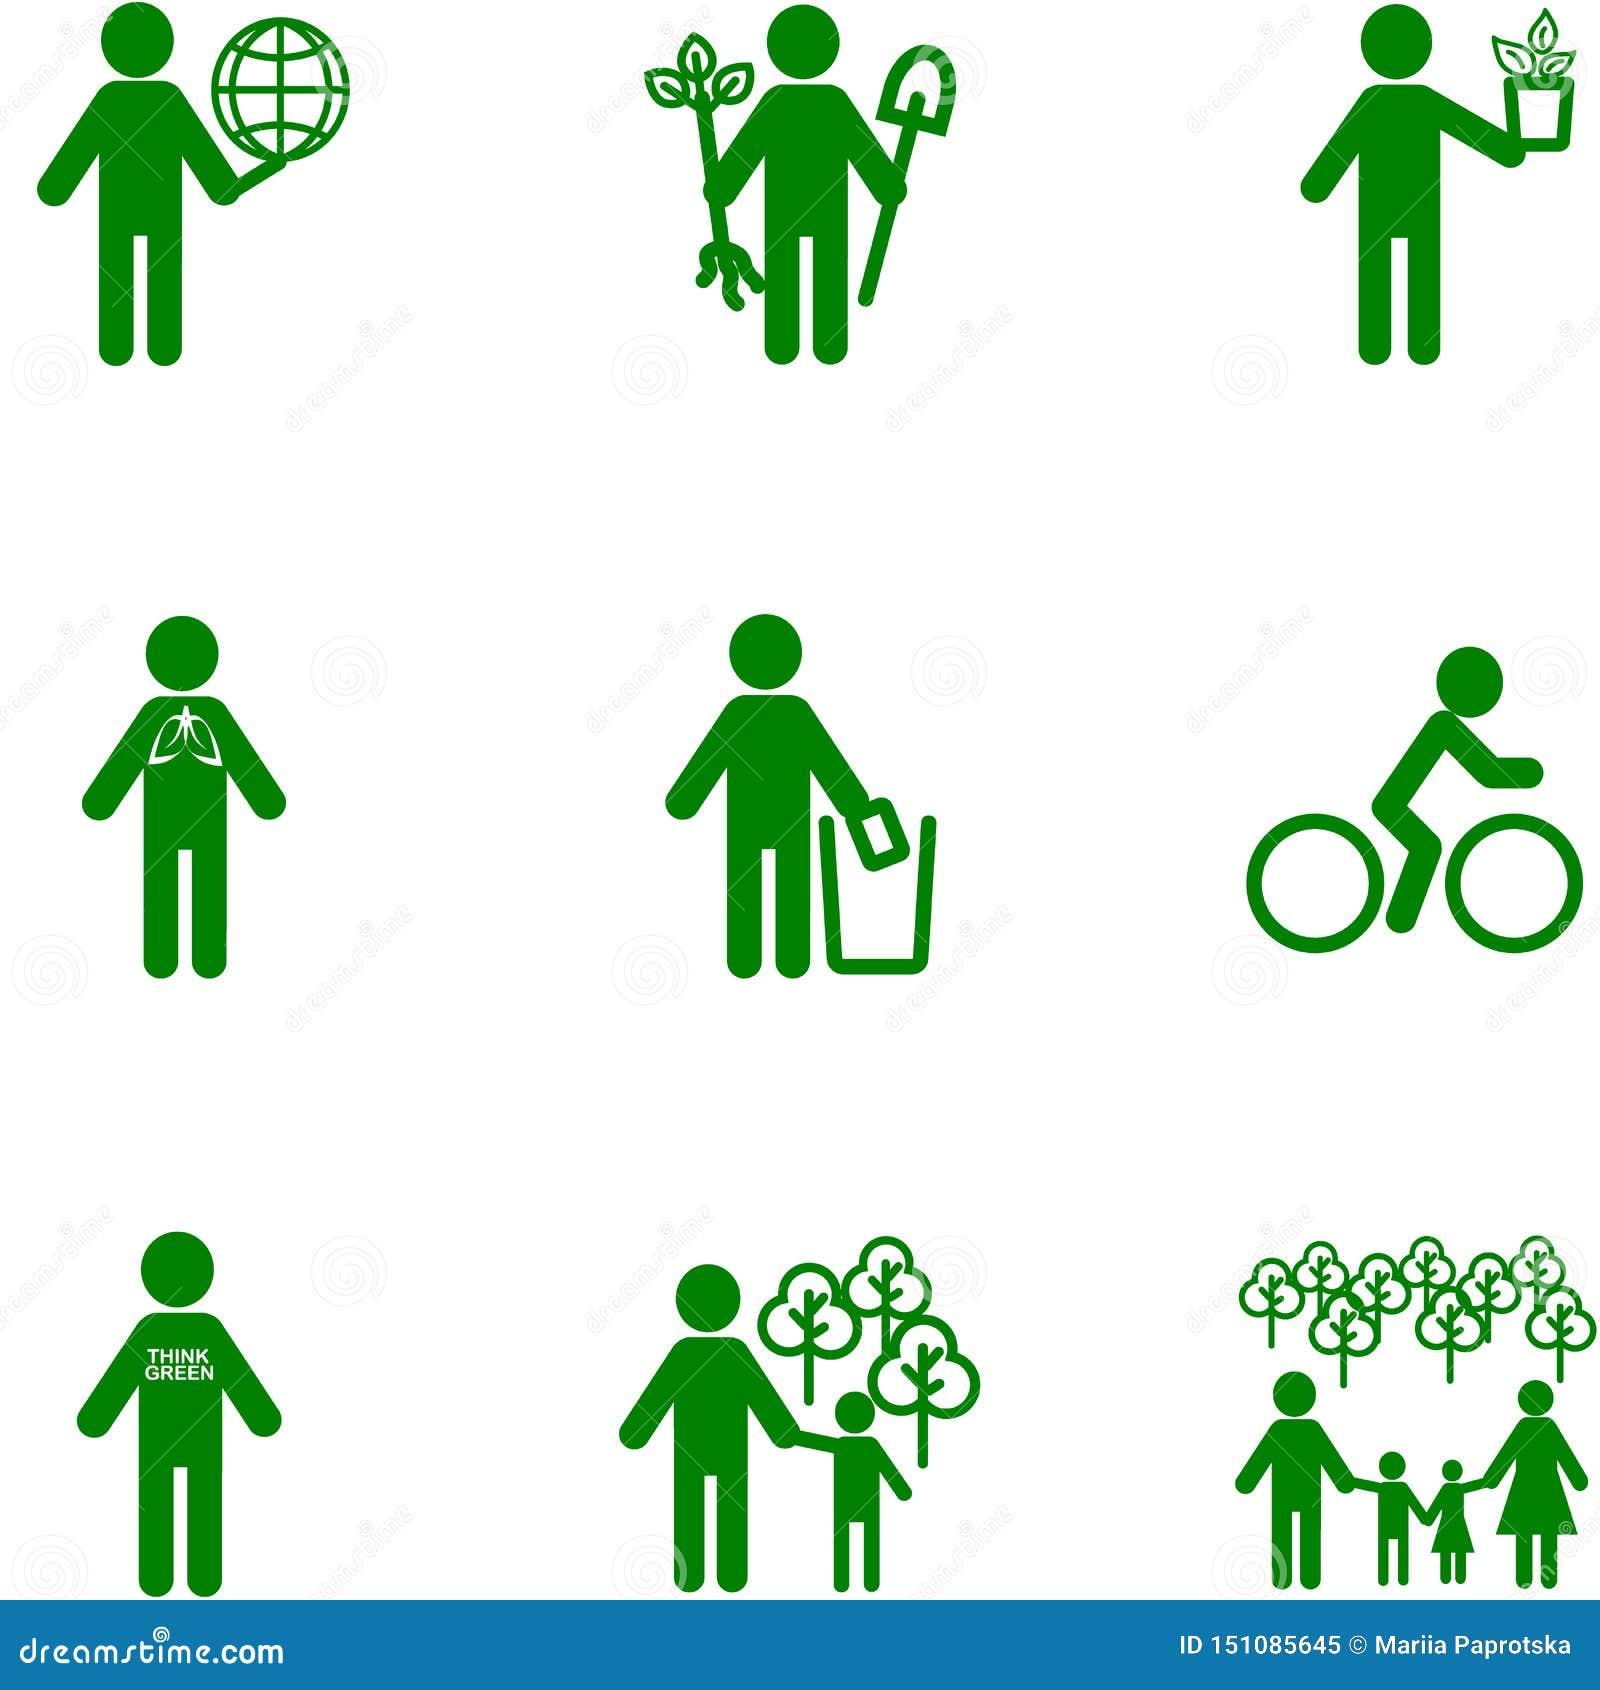 Folksymbol på ämnet av ekologi